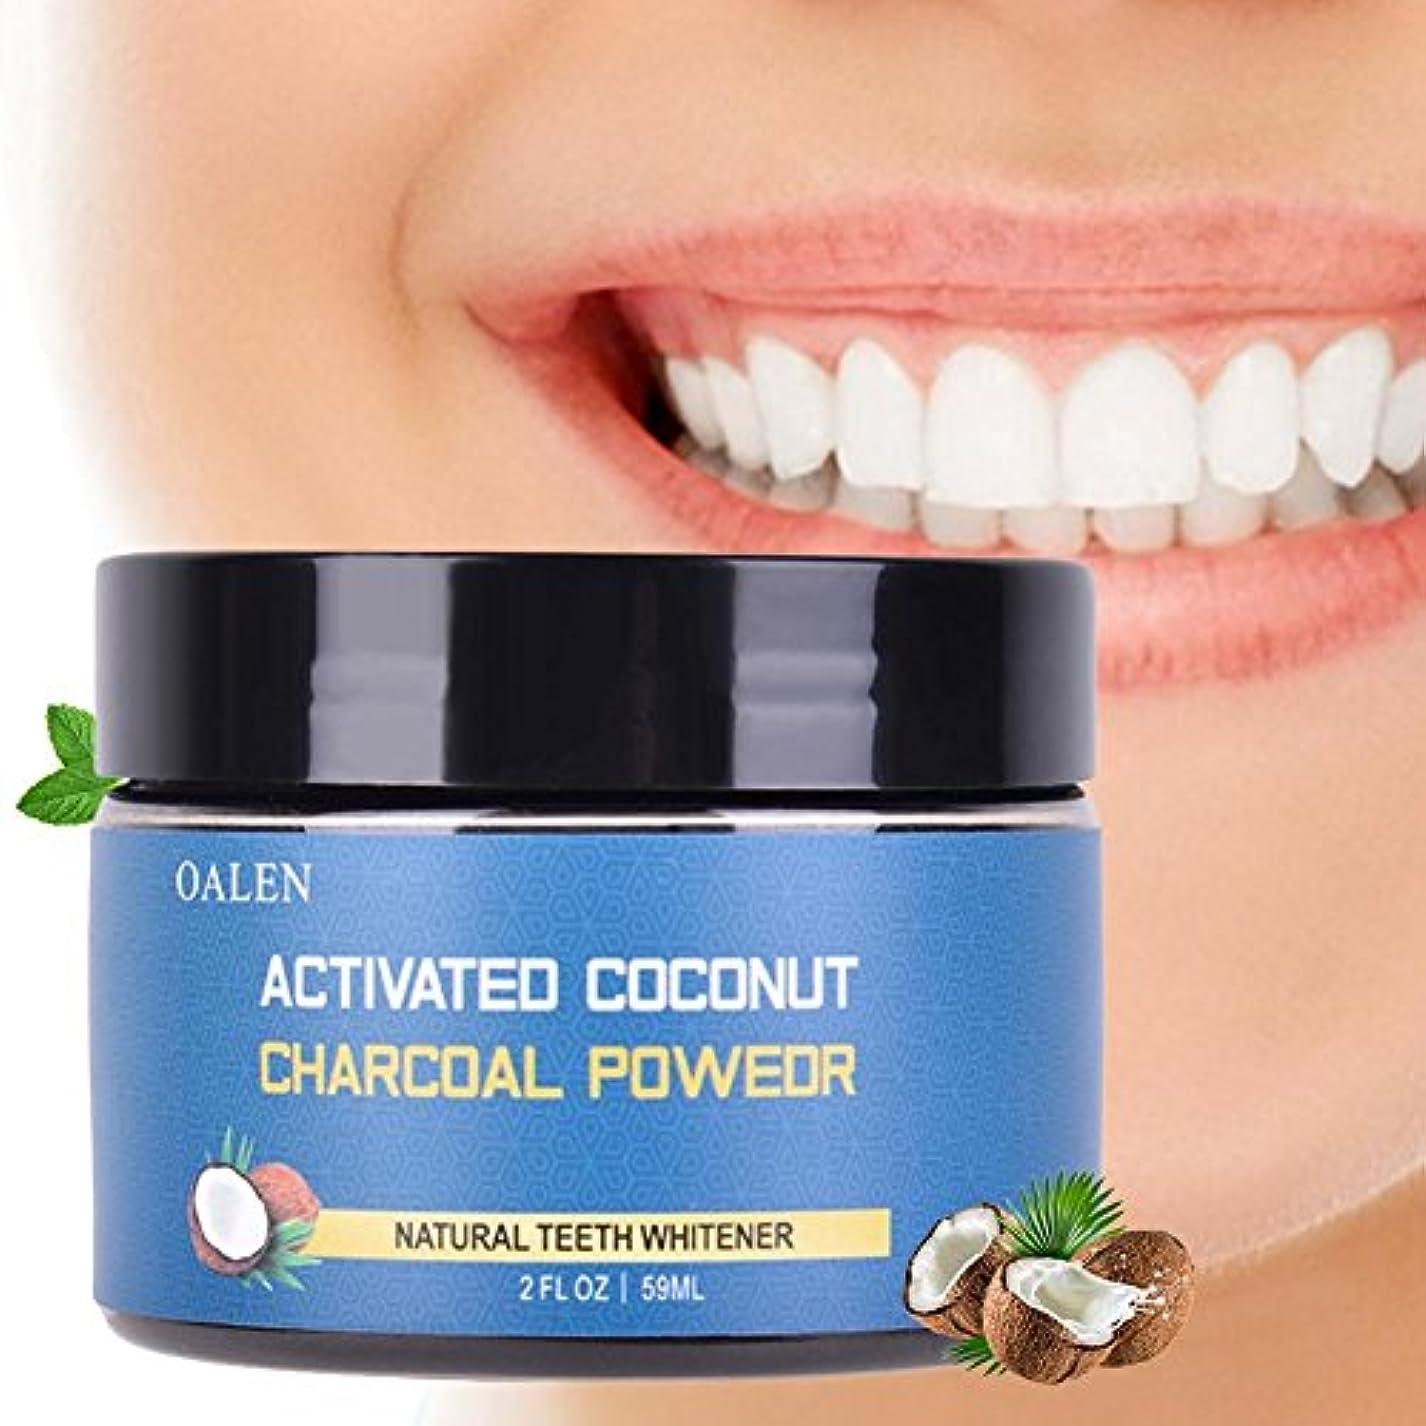 帰する習熟度クリークSILUN 歯磨き粉 ニングパウダー有機 ココナッツ殻活性炭組成デンタルステイン除去 歯美白自然 口腔ケア